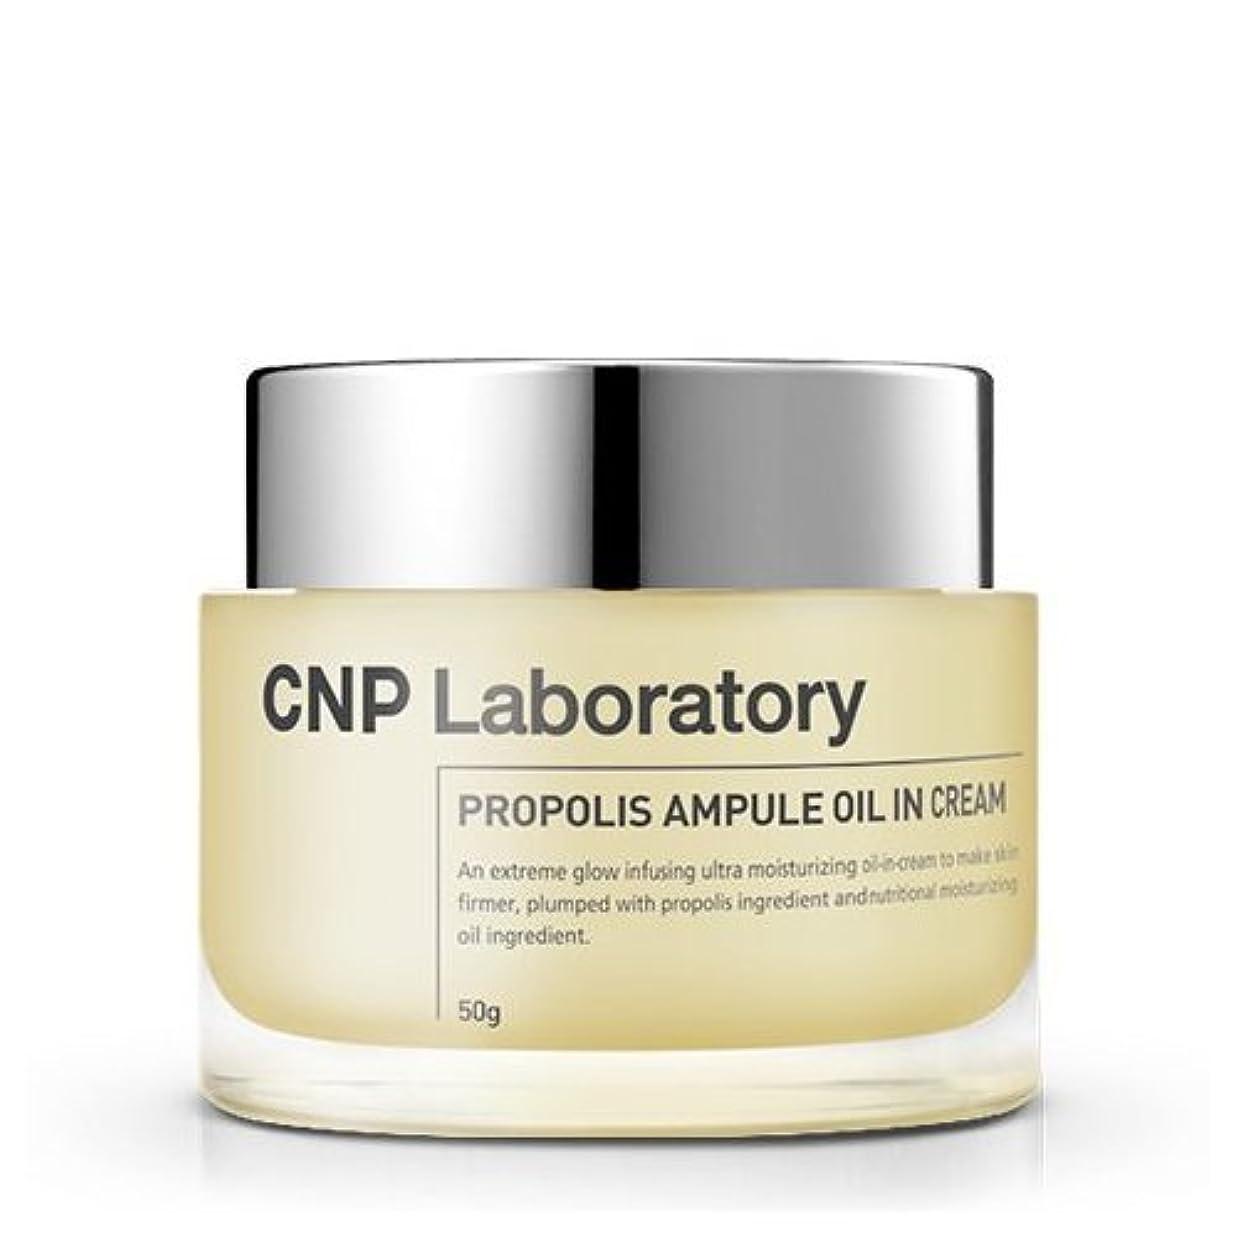 グループ胴体広範囲にCNP Laboratory プロポリスアンプルオイルインクリーム50ミリリットル